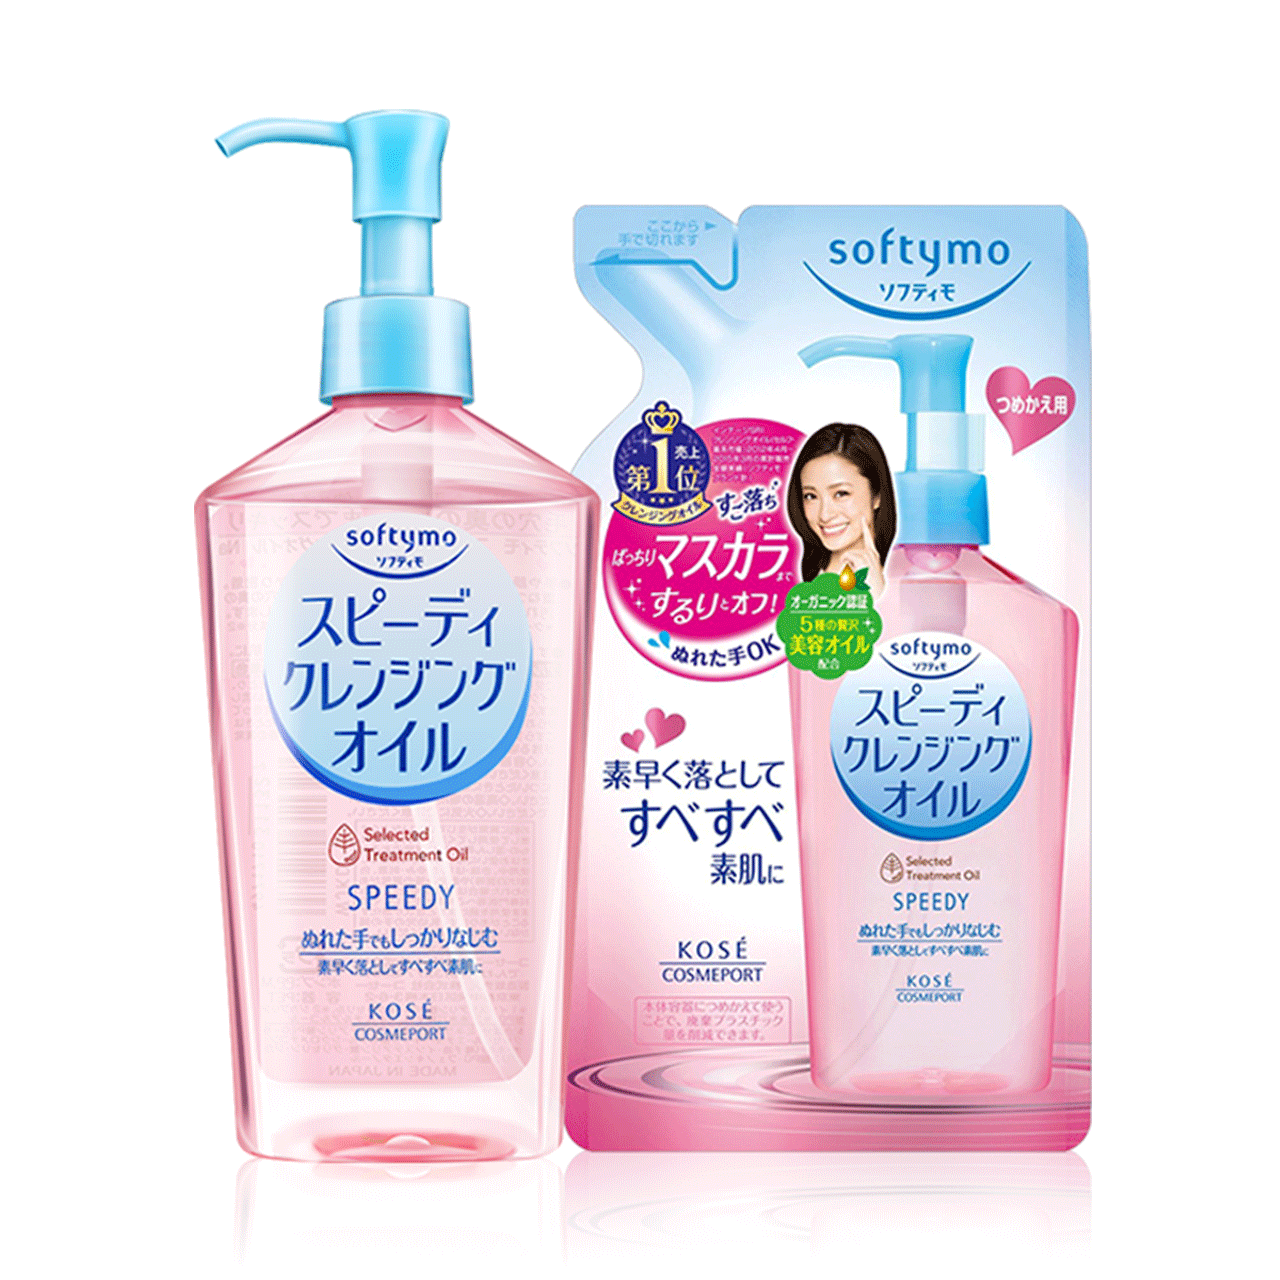 正品 高丝卸妆油眼唇脸部温和清洁无刺激日本进口卸妆油  kose 430ml